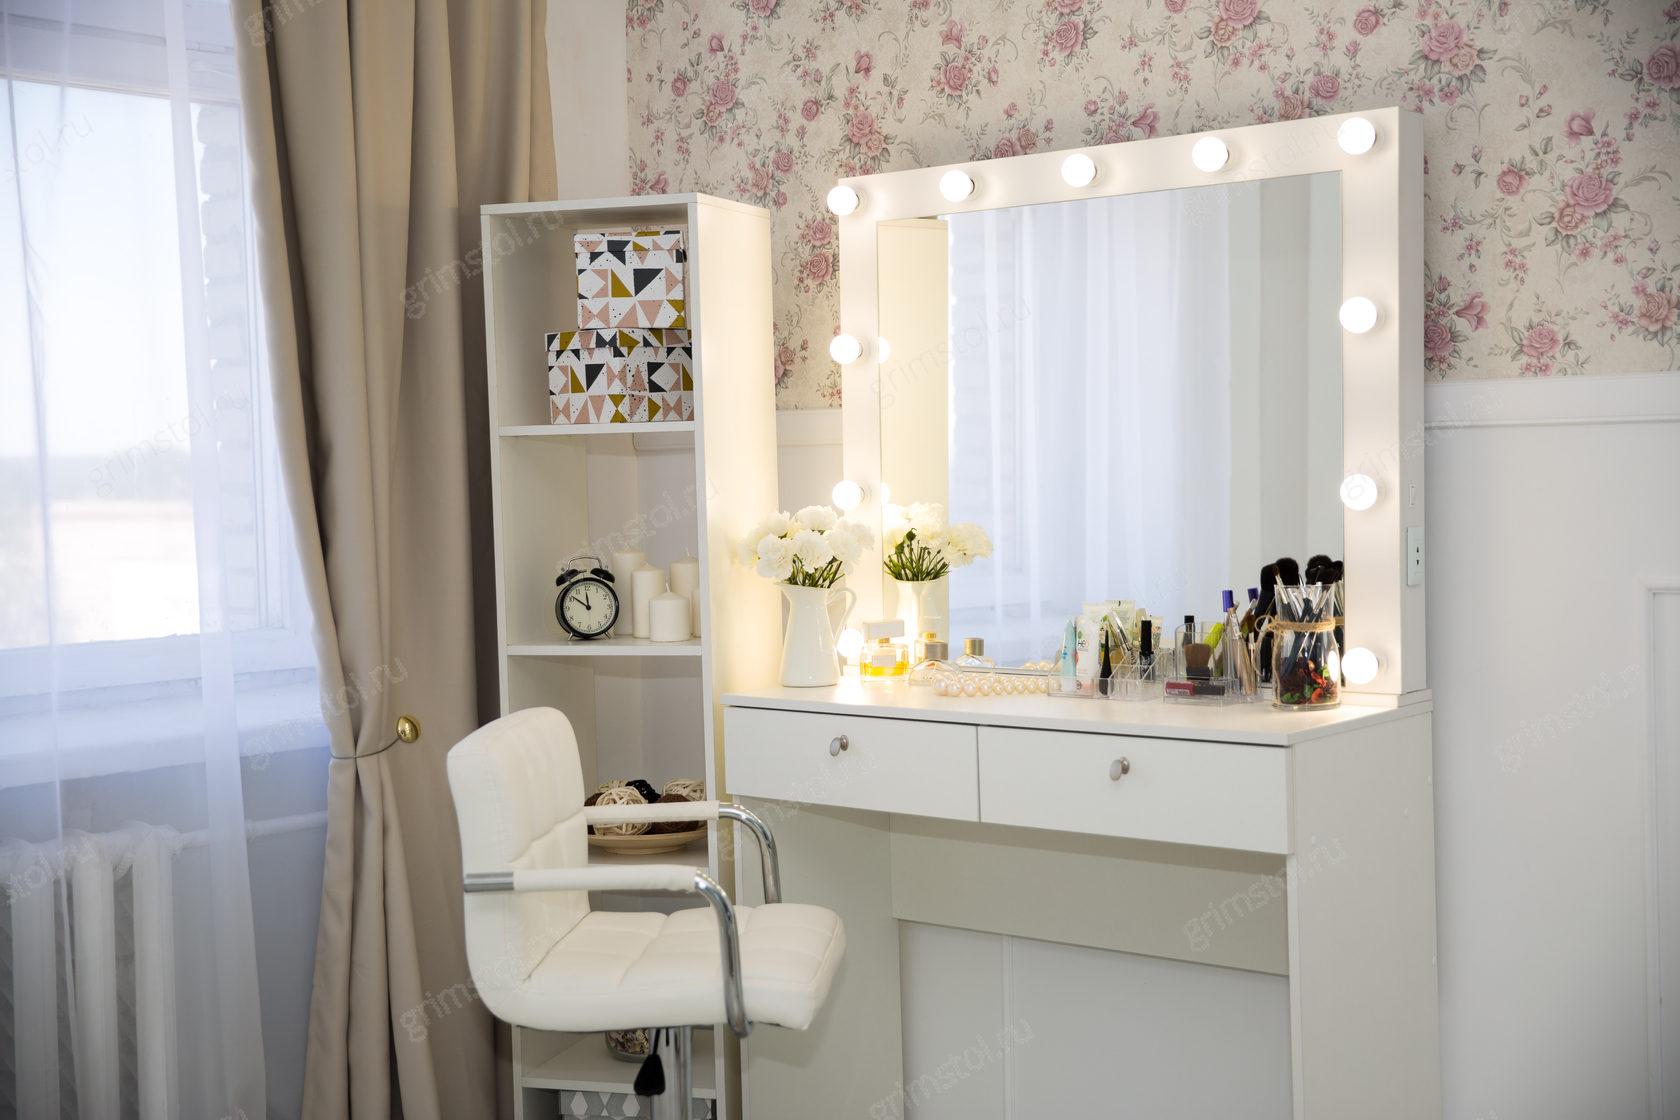 Картинки туалетного столика с зеркалом и подсветкой